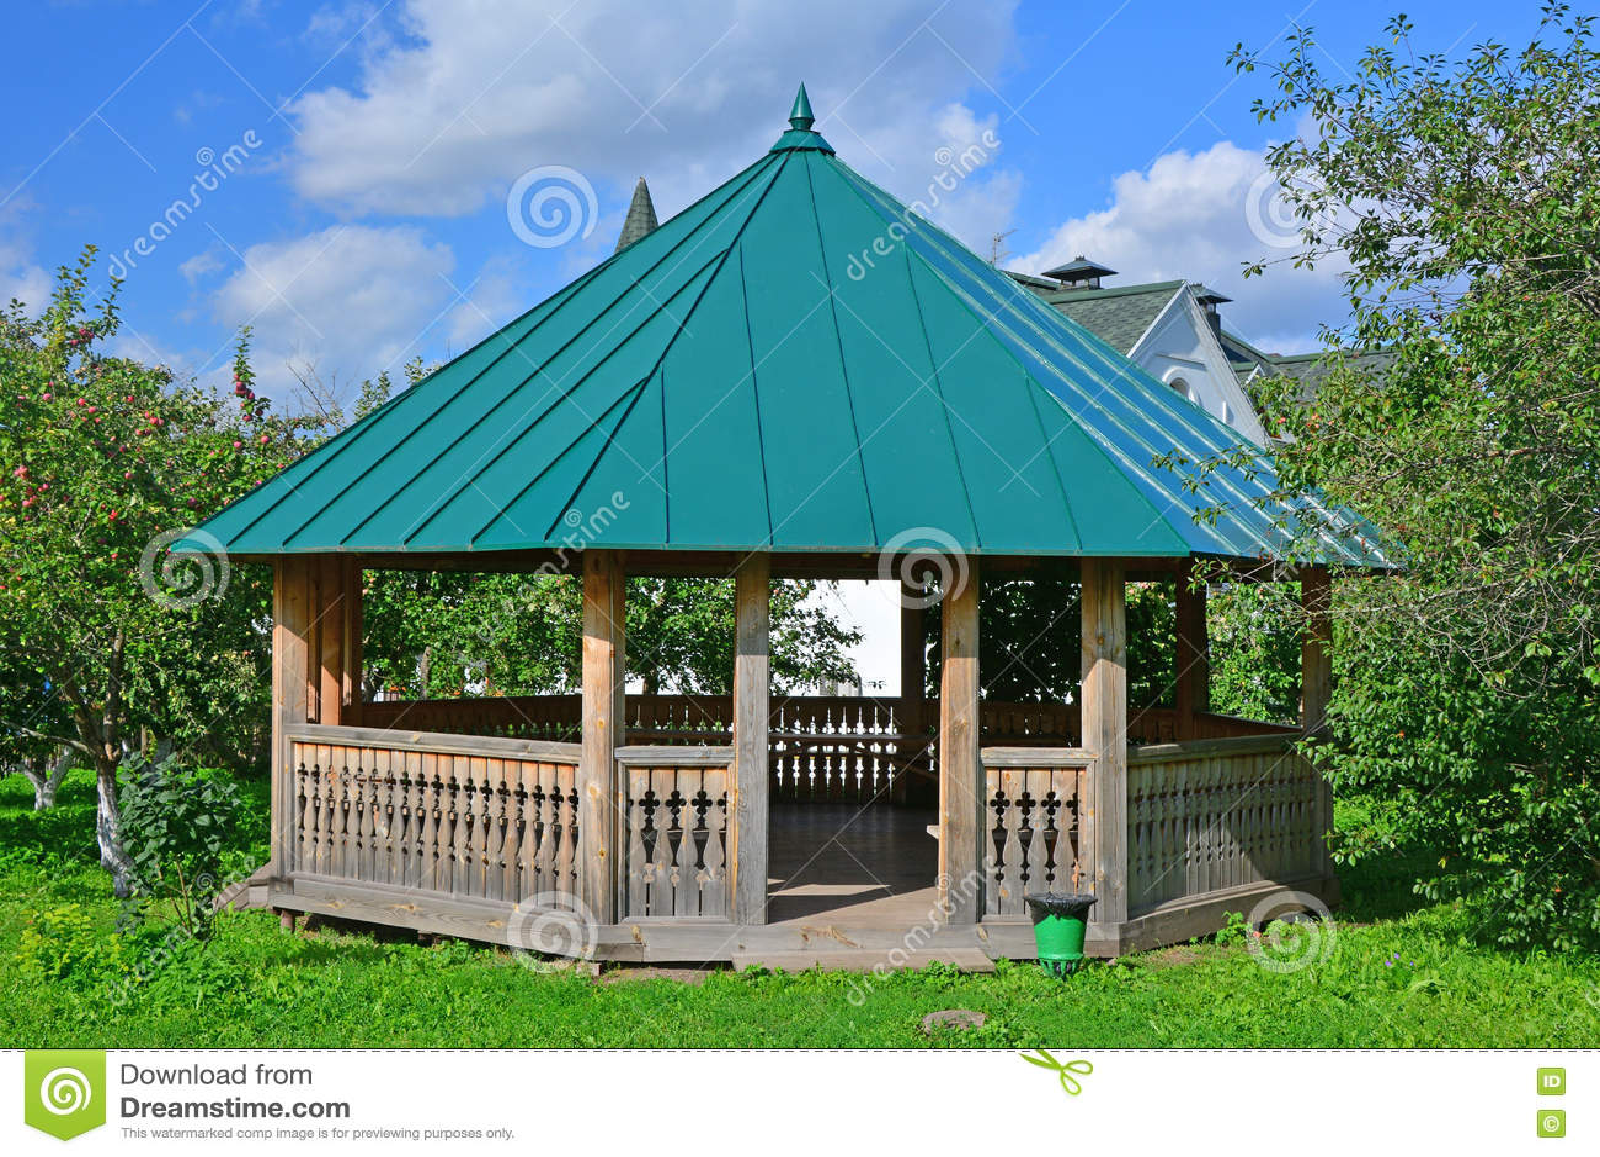 Ξύλινη πέργκολα για τους επισκέπτες στο μουσείο της ξύλινης αρχιτεκτονικής στο Σούζνταλ, Ρωσία